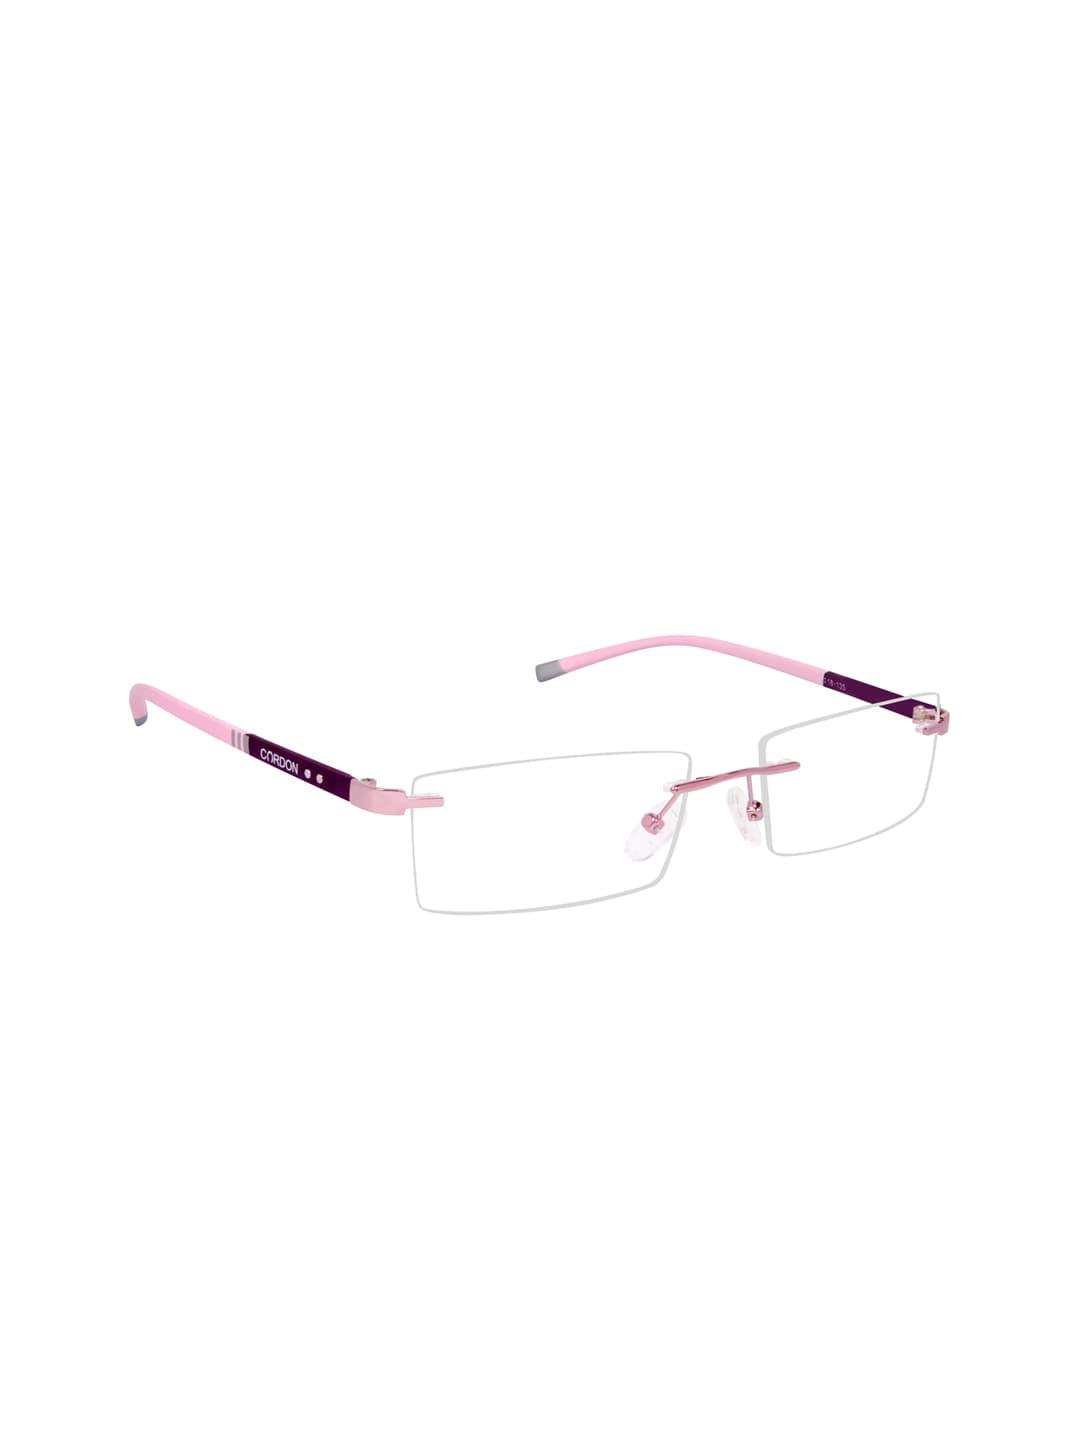 672239593b Rimless Frames - Buy Rimless Frames online in India